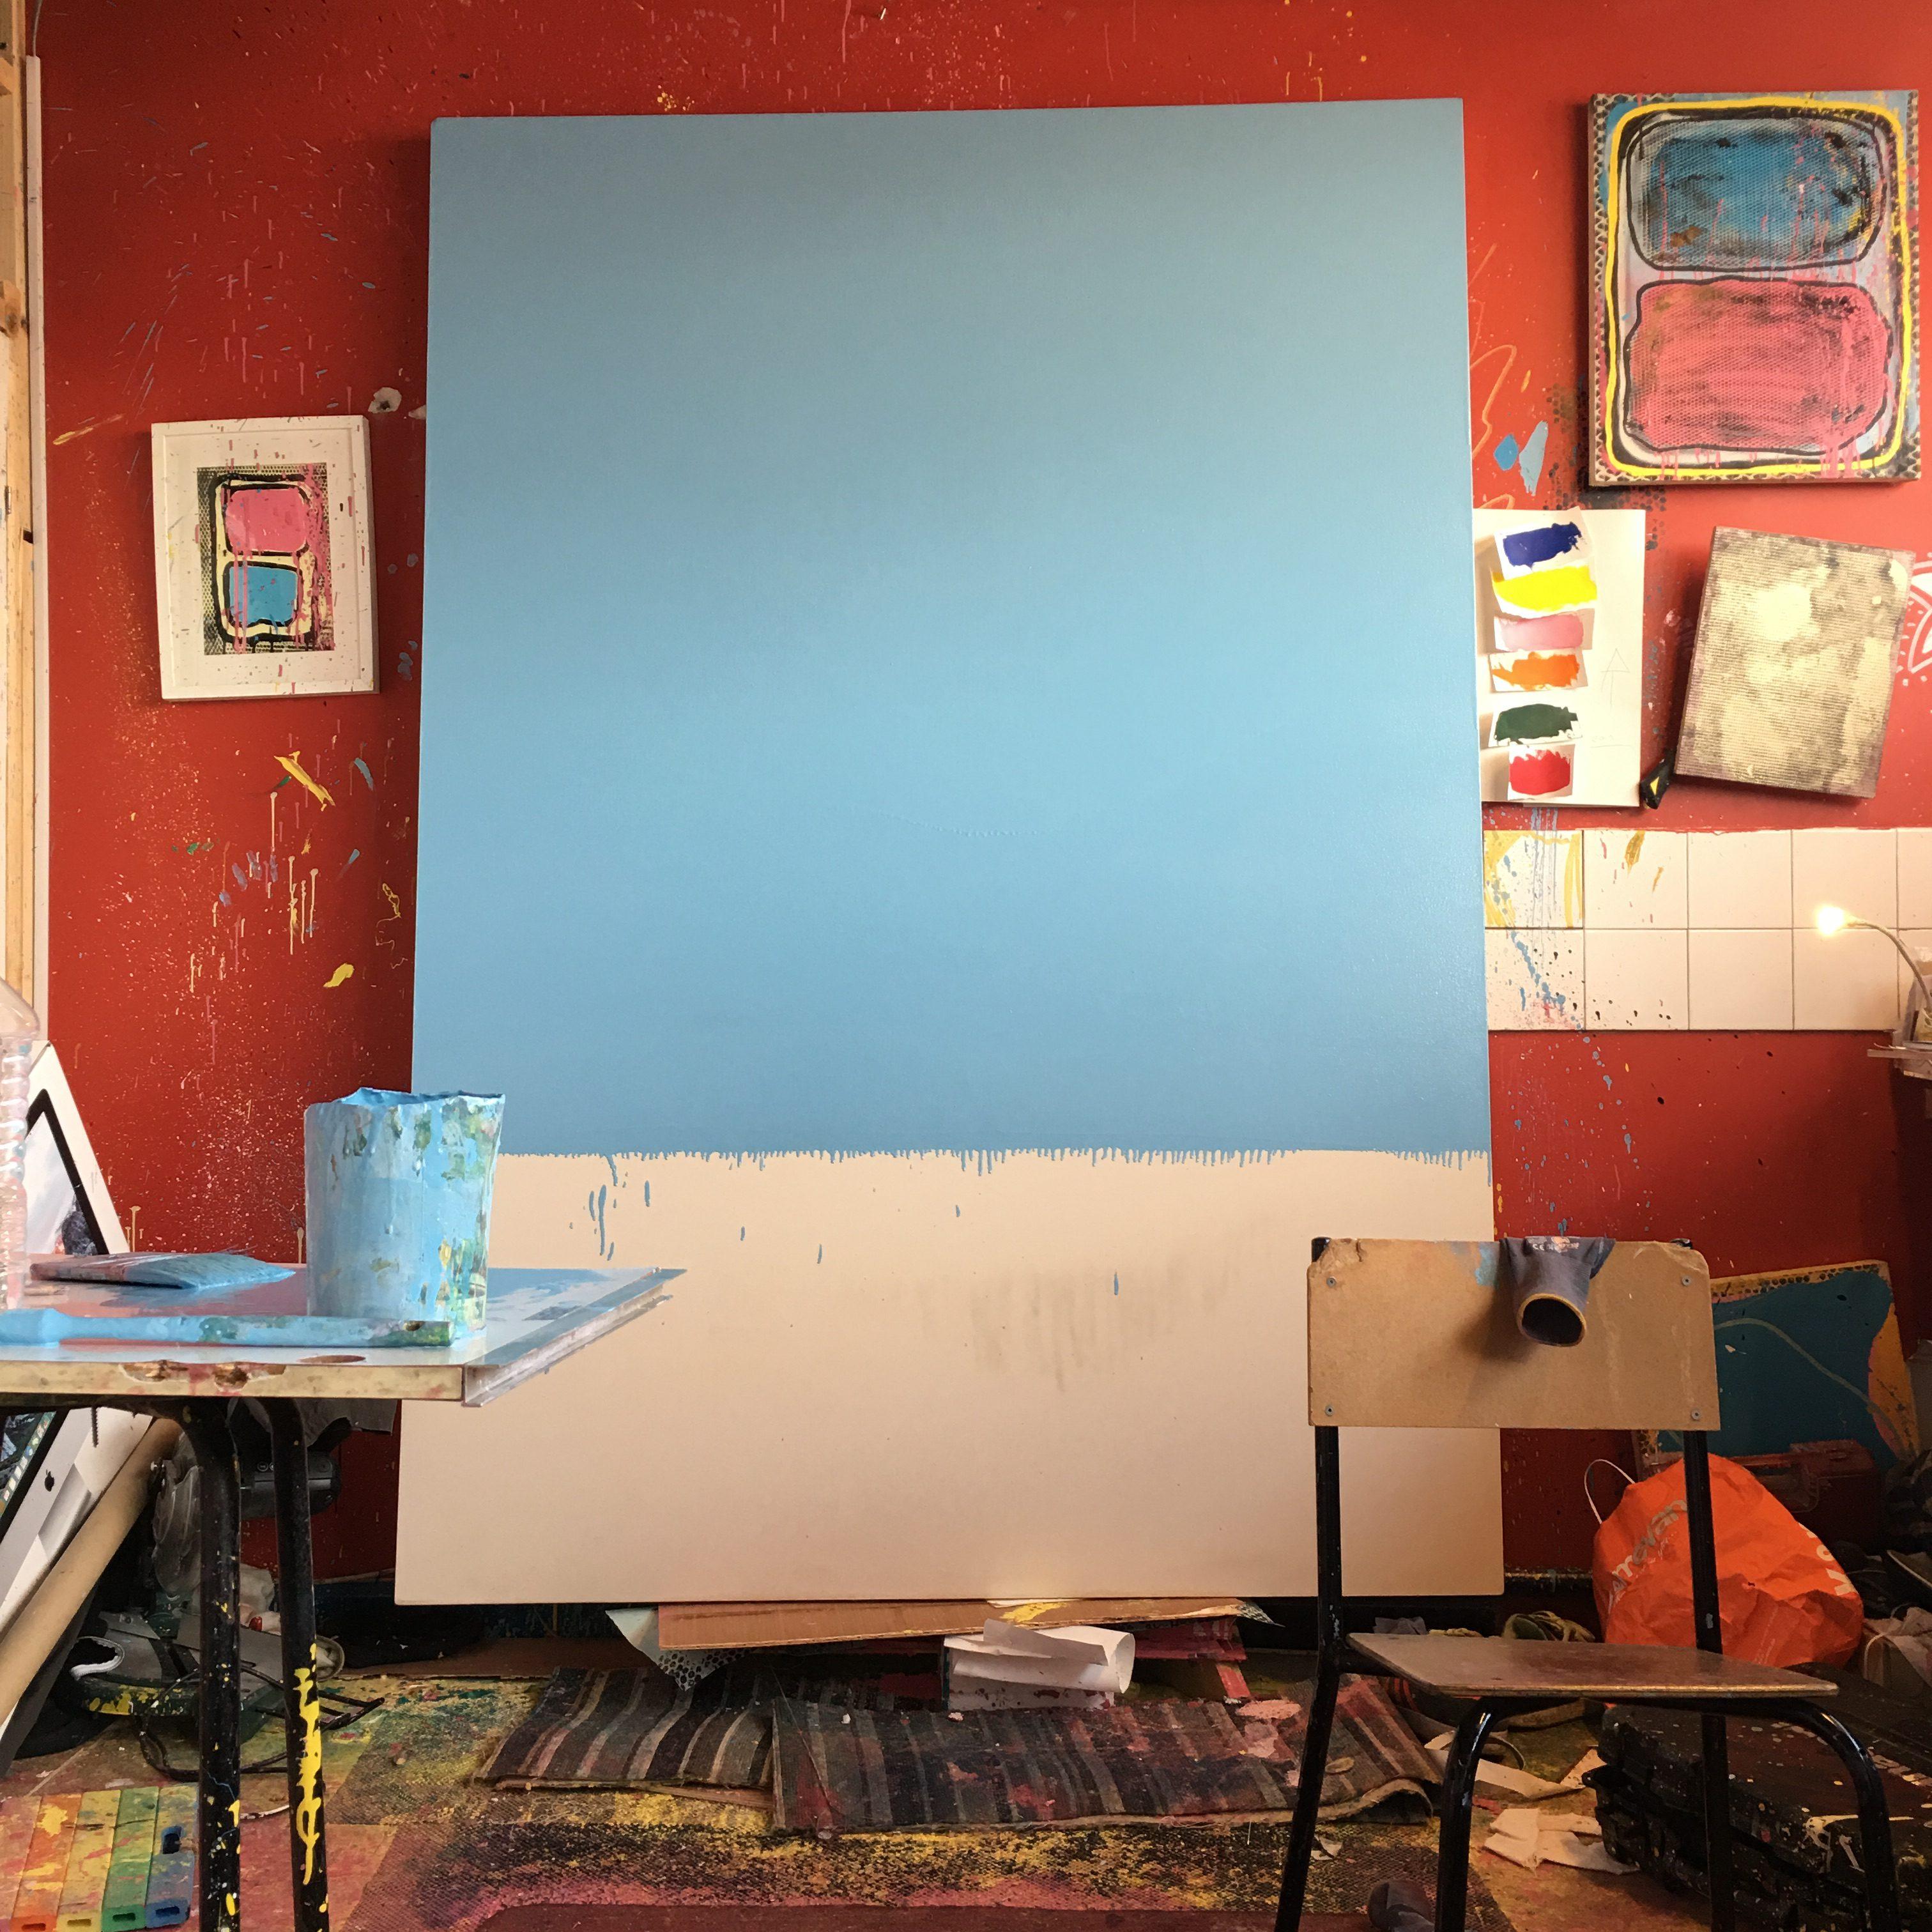 Studio view of work in progress